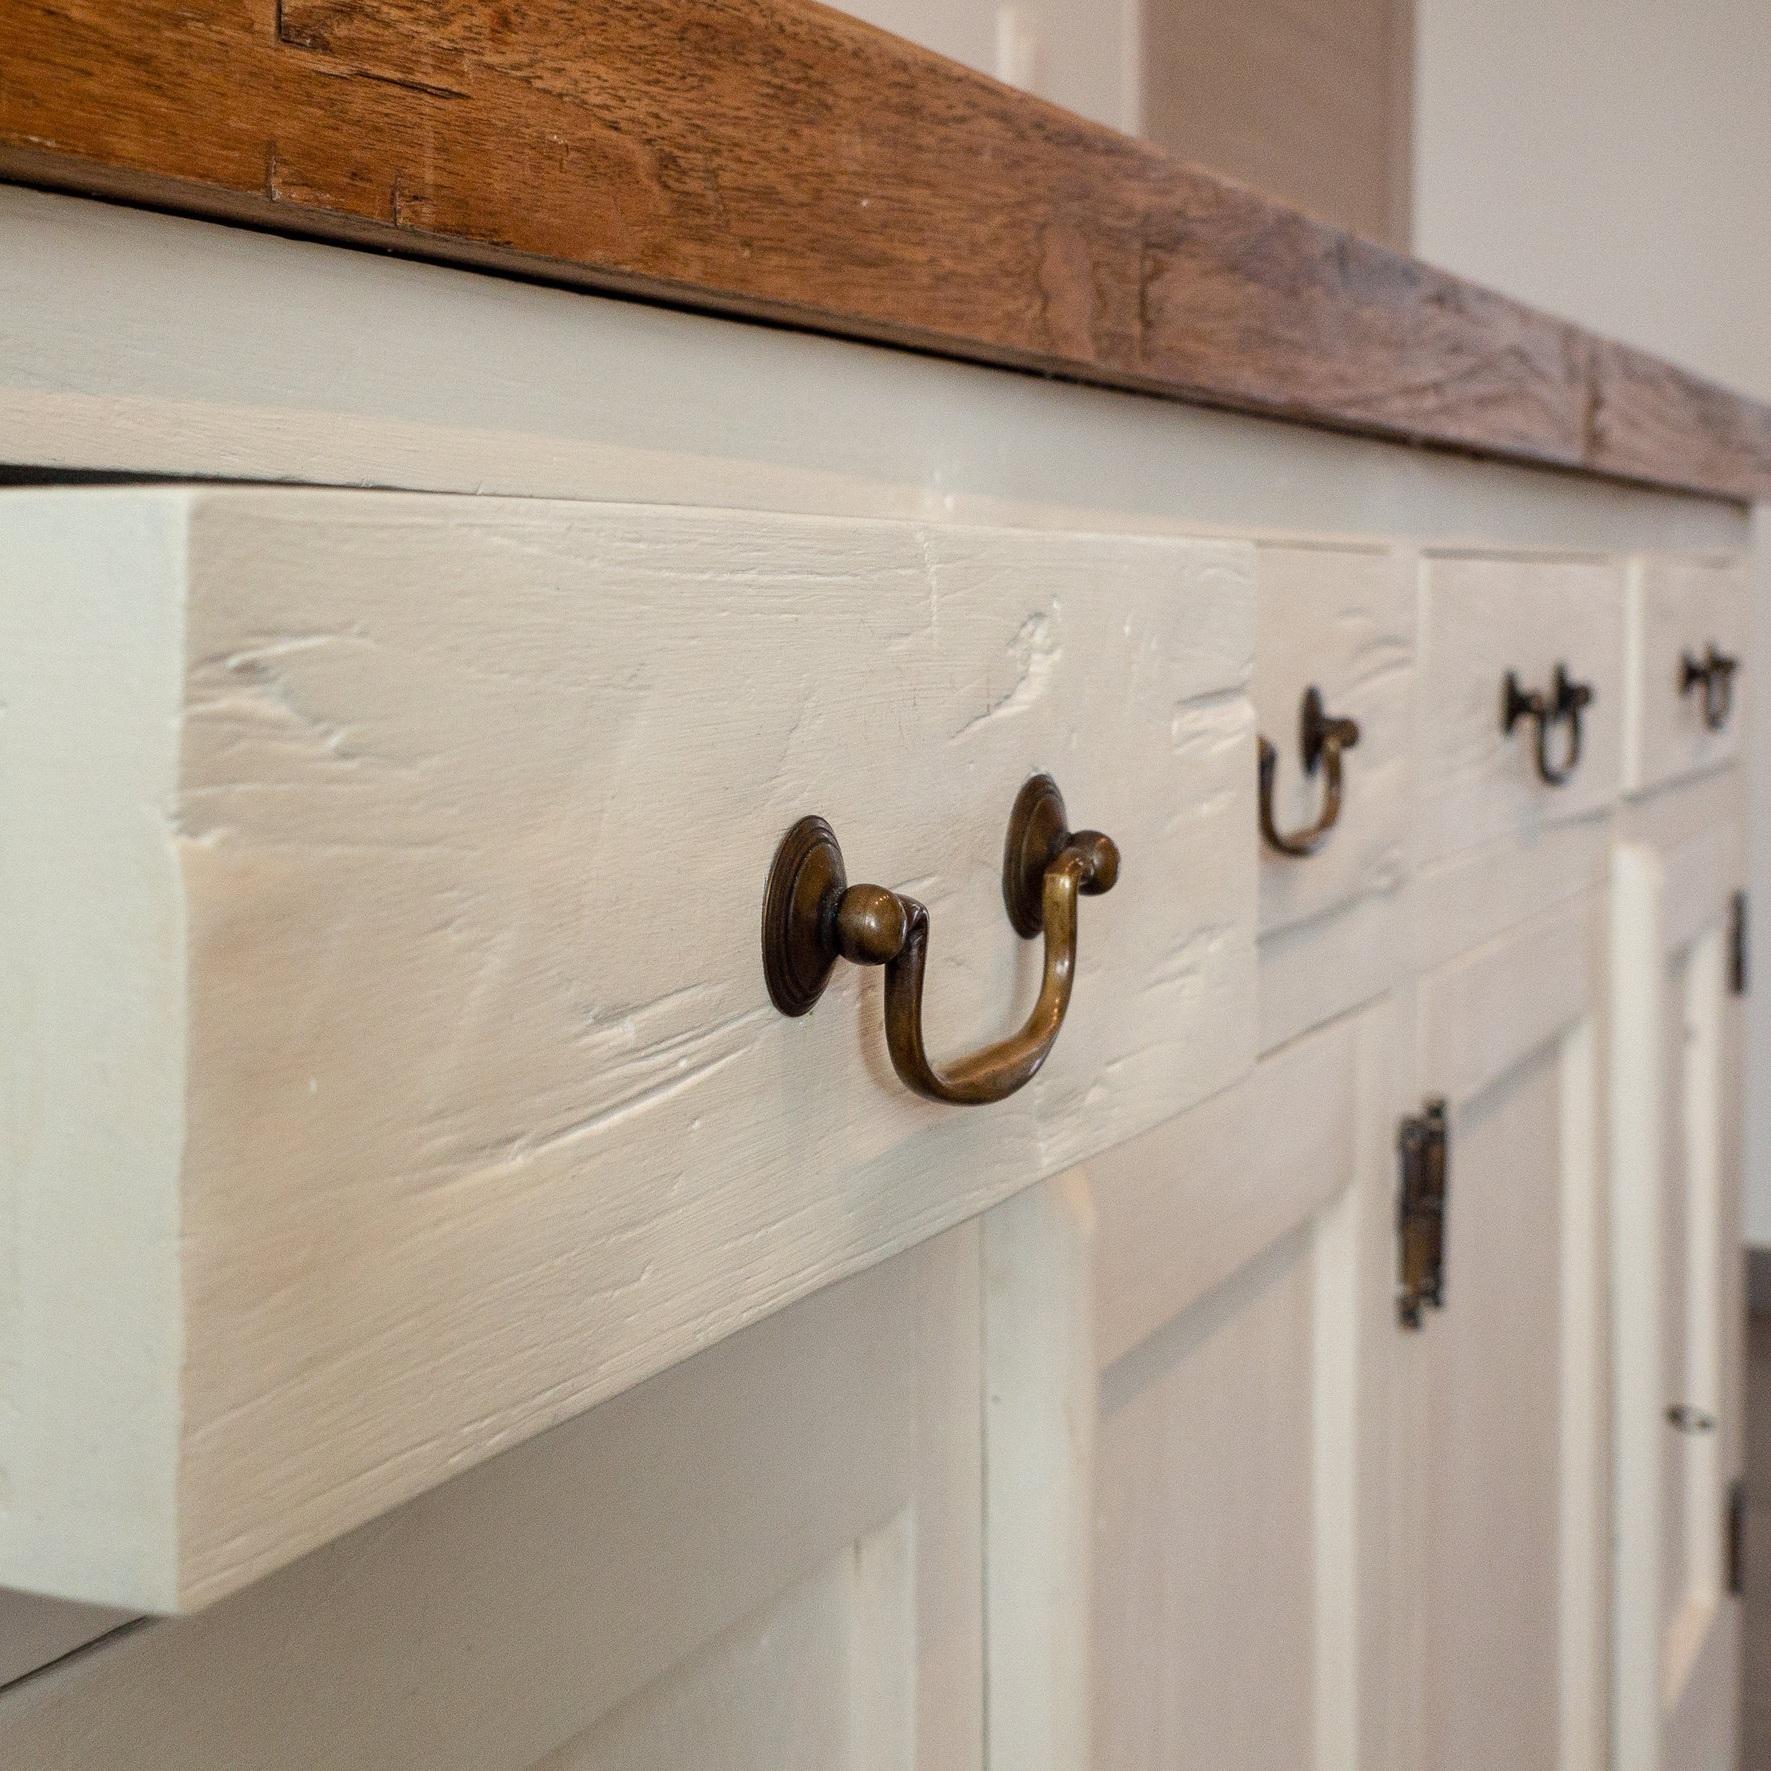 MEUBELRESTYLING - Wil je blikvangers maken van je oude meubels en decoratiestukken in je interieur, winkelruimte of vergaderzaal?Ontdek hoe ik je daarbij kan helpen.